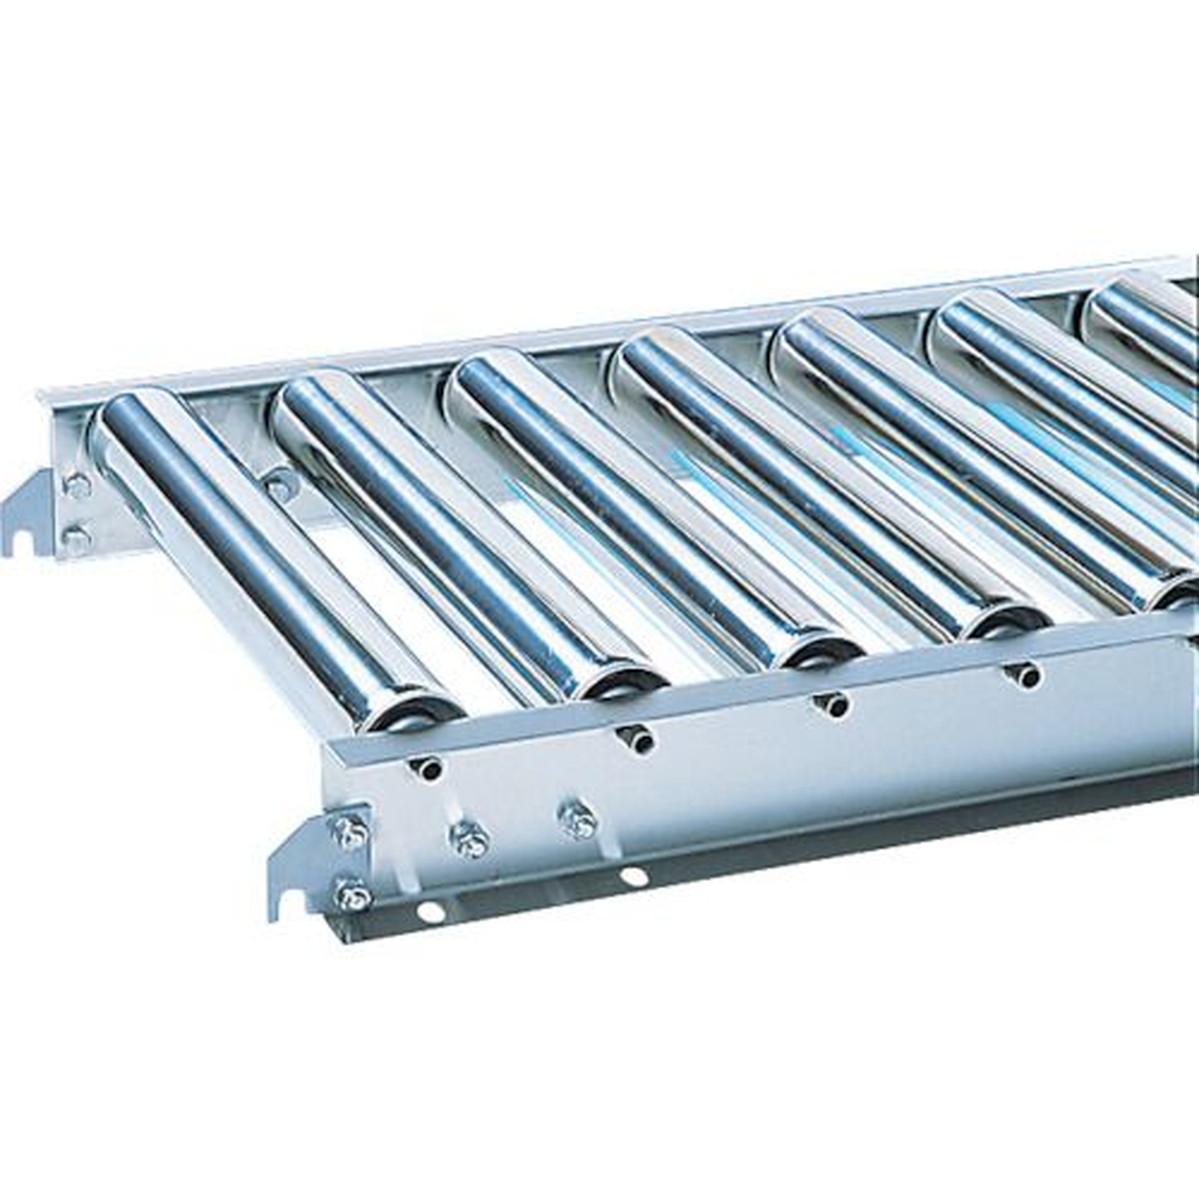 最安価格 三鈴 SUSローラコンベヤ MU60型 径60.5×1.5T 幅800 1M 1台, ジューシーロック 8c1c6e32